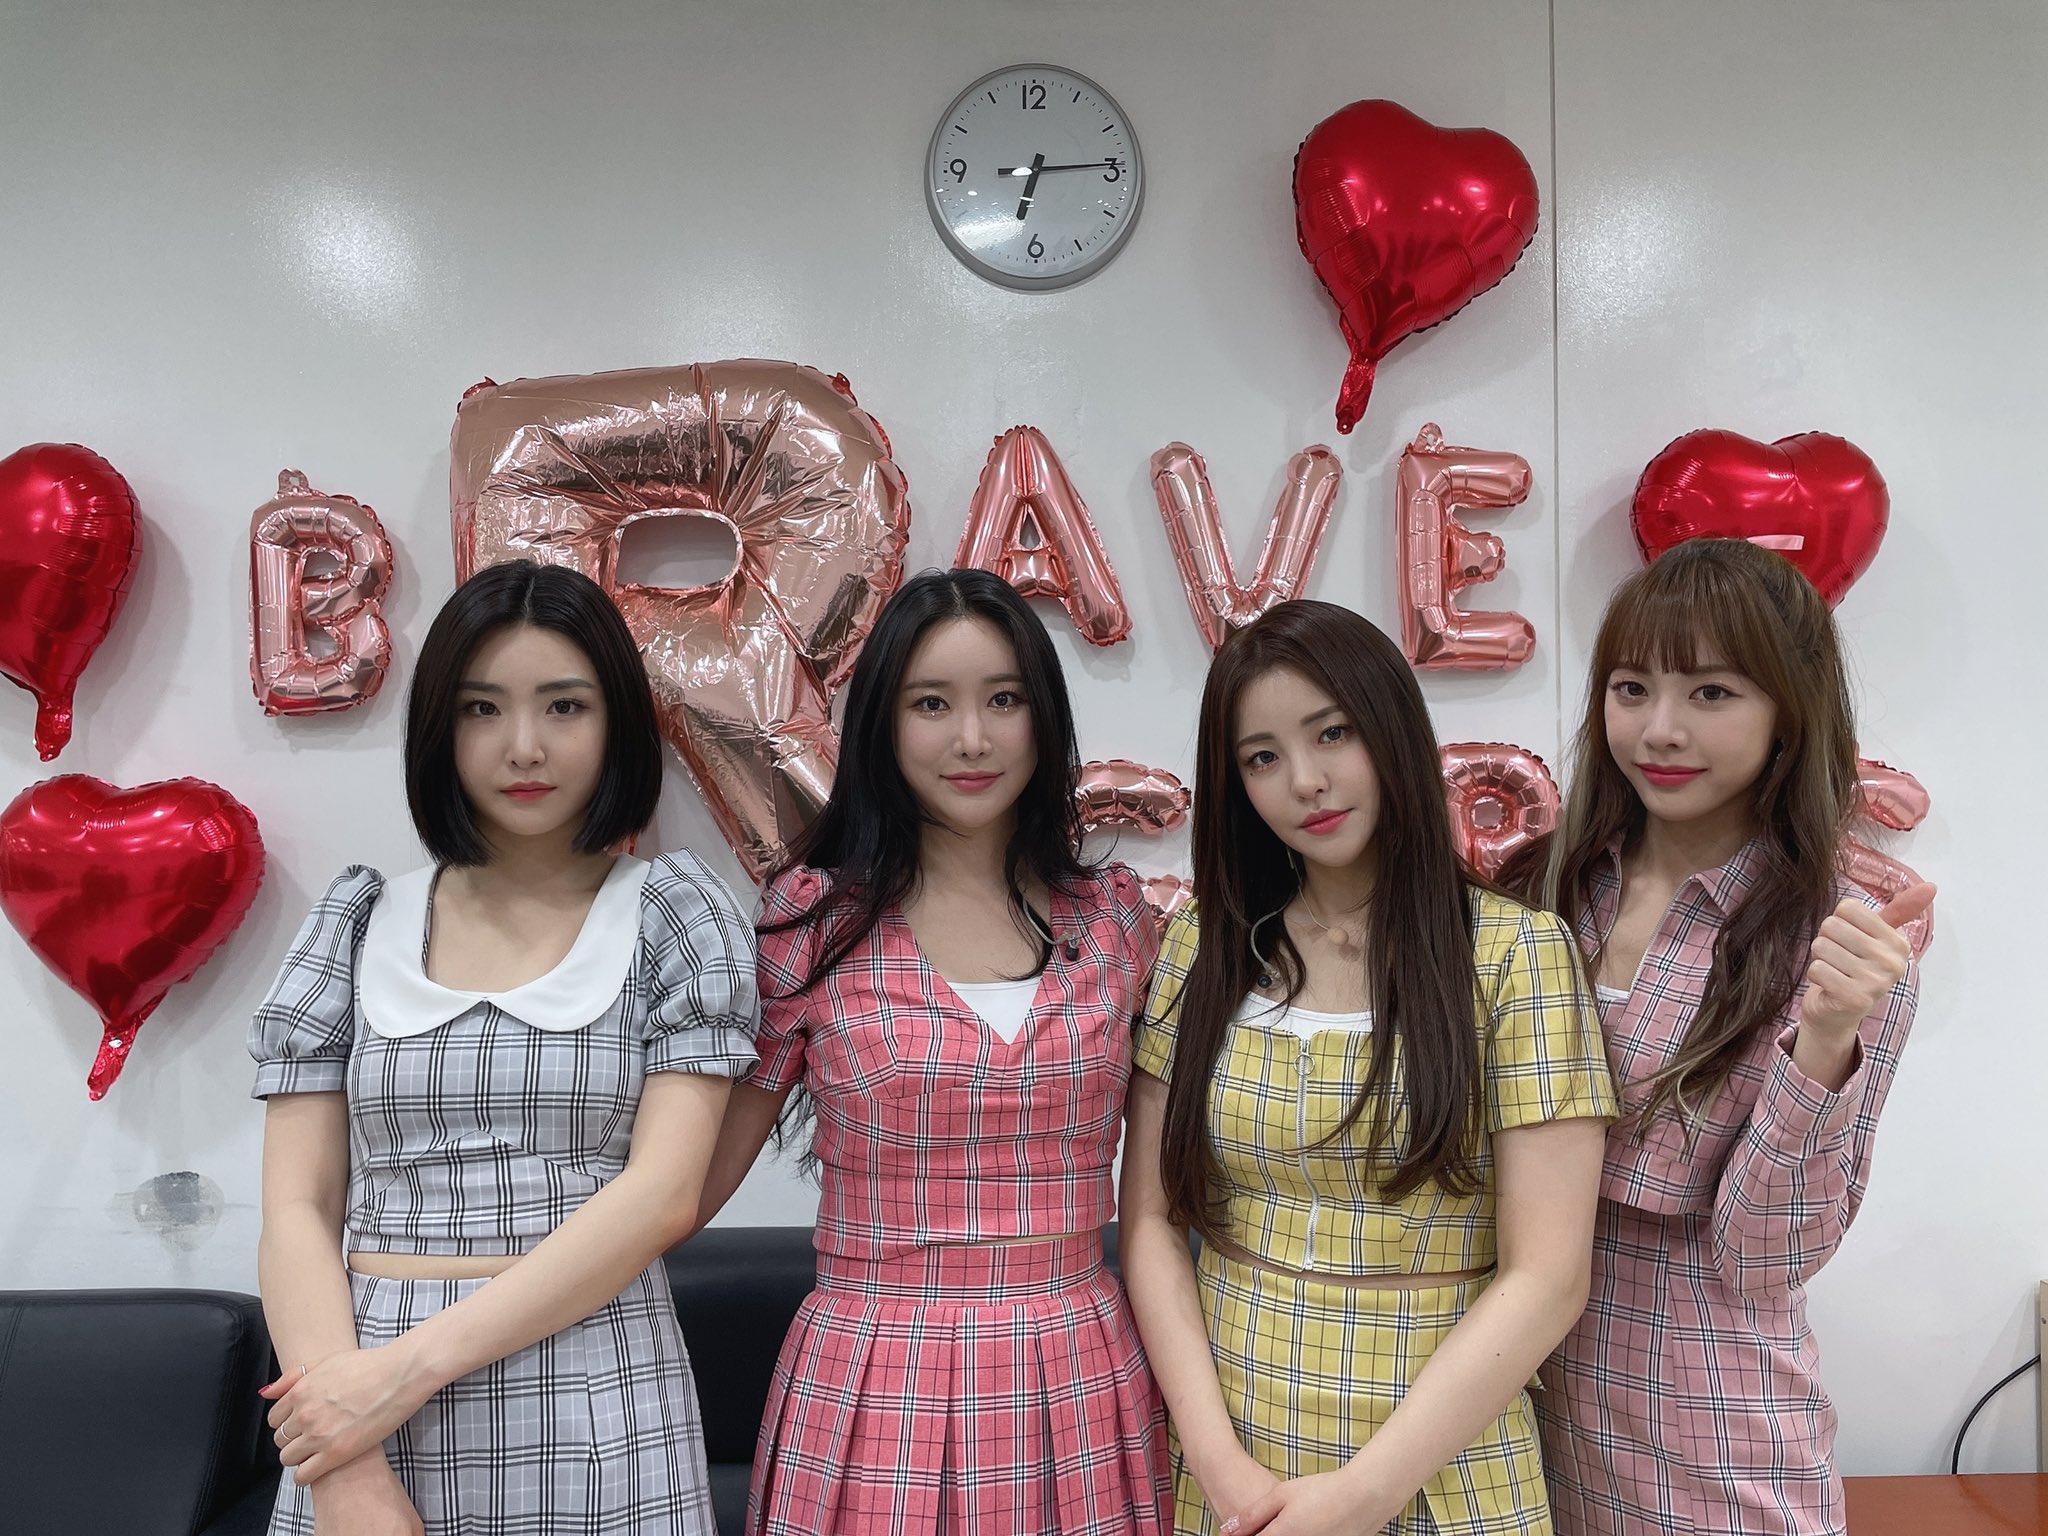 brave girls 12